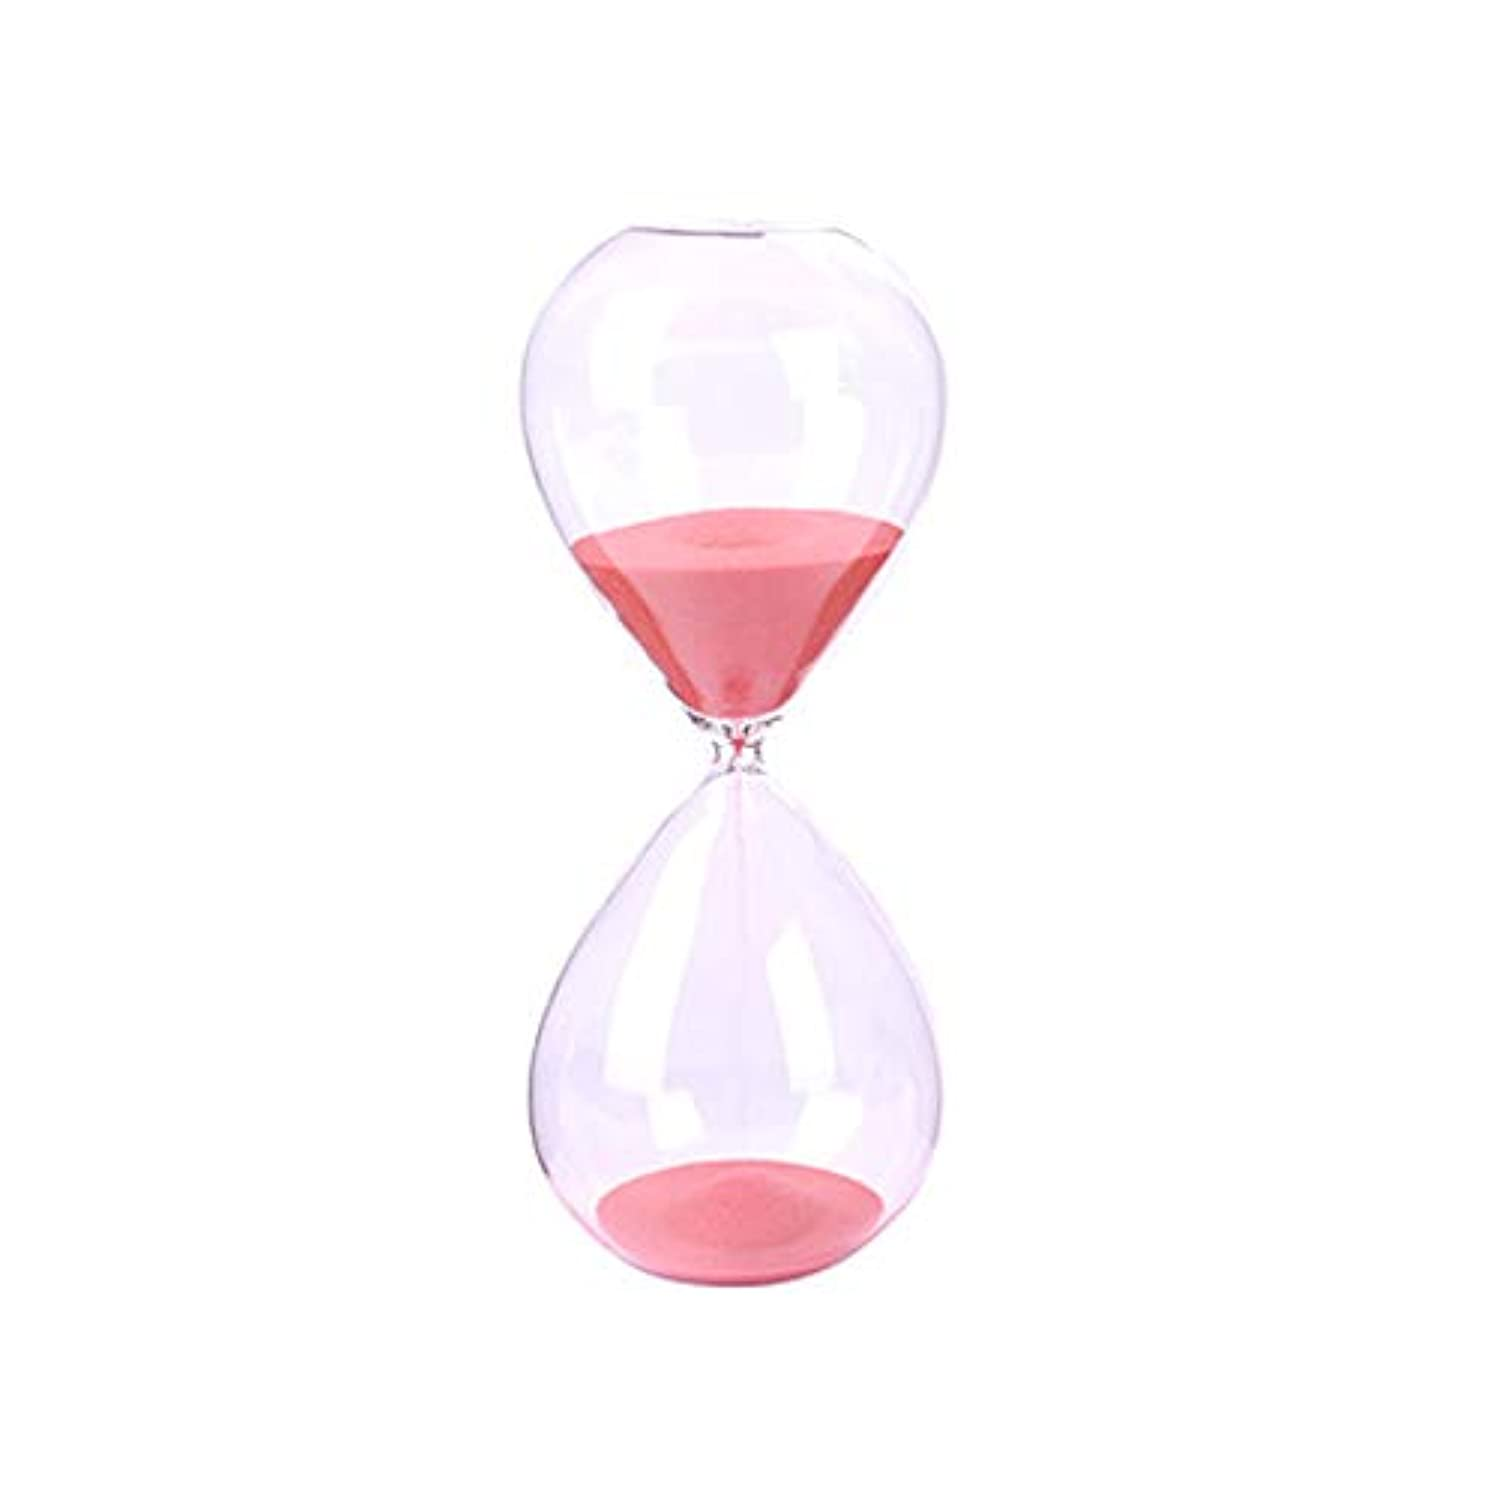 同種の呼吸する乏しい砂時計タイマークリアガラス インテリアタイマー 砂時計 子供 サンドタイマー 家の装飾 ゲーム 誕生日プレゼント ピンク 10分 6.5 * 16.5cm